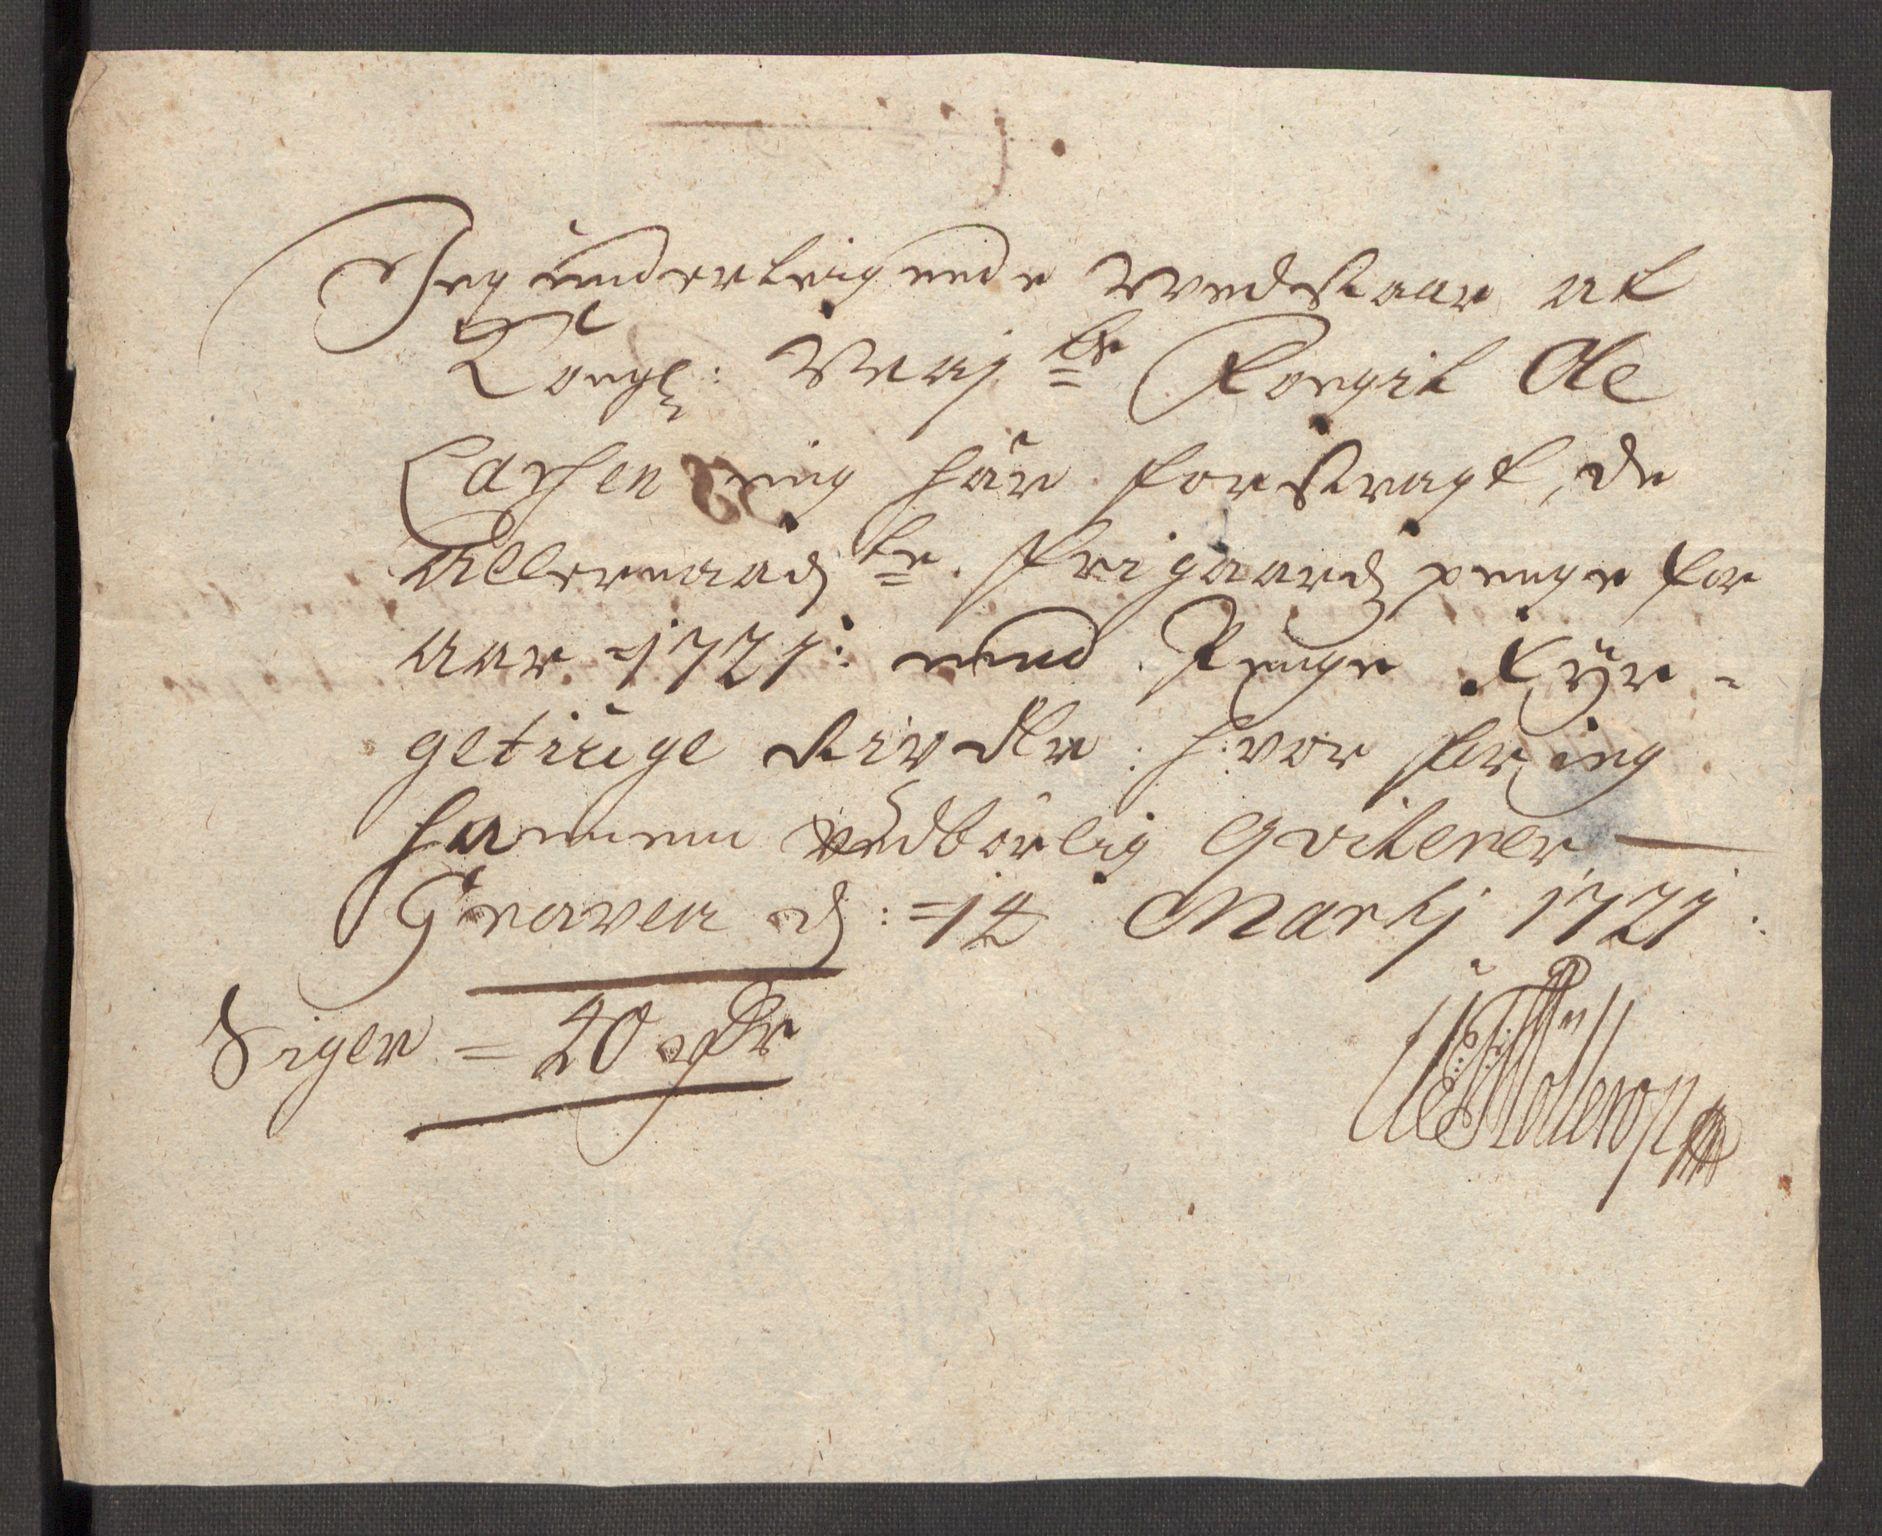 RA, Rentekammeret inntil 1814, Reviderte regnskaper, Fogderegnskap, R48/L3000: Fogderegnskap Sunnhordland og Hardanger, 1721, s. 332